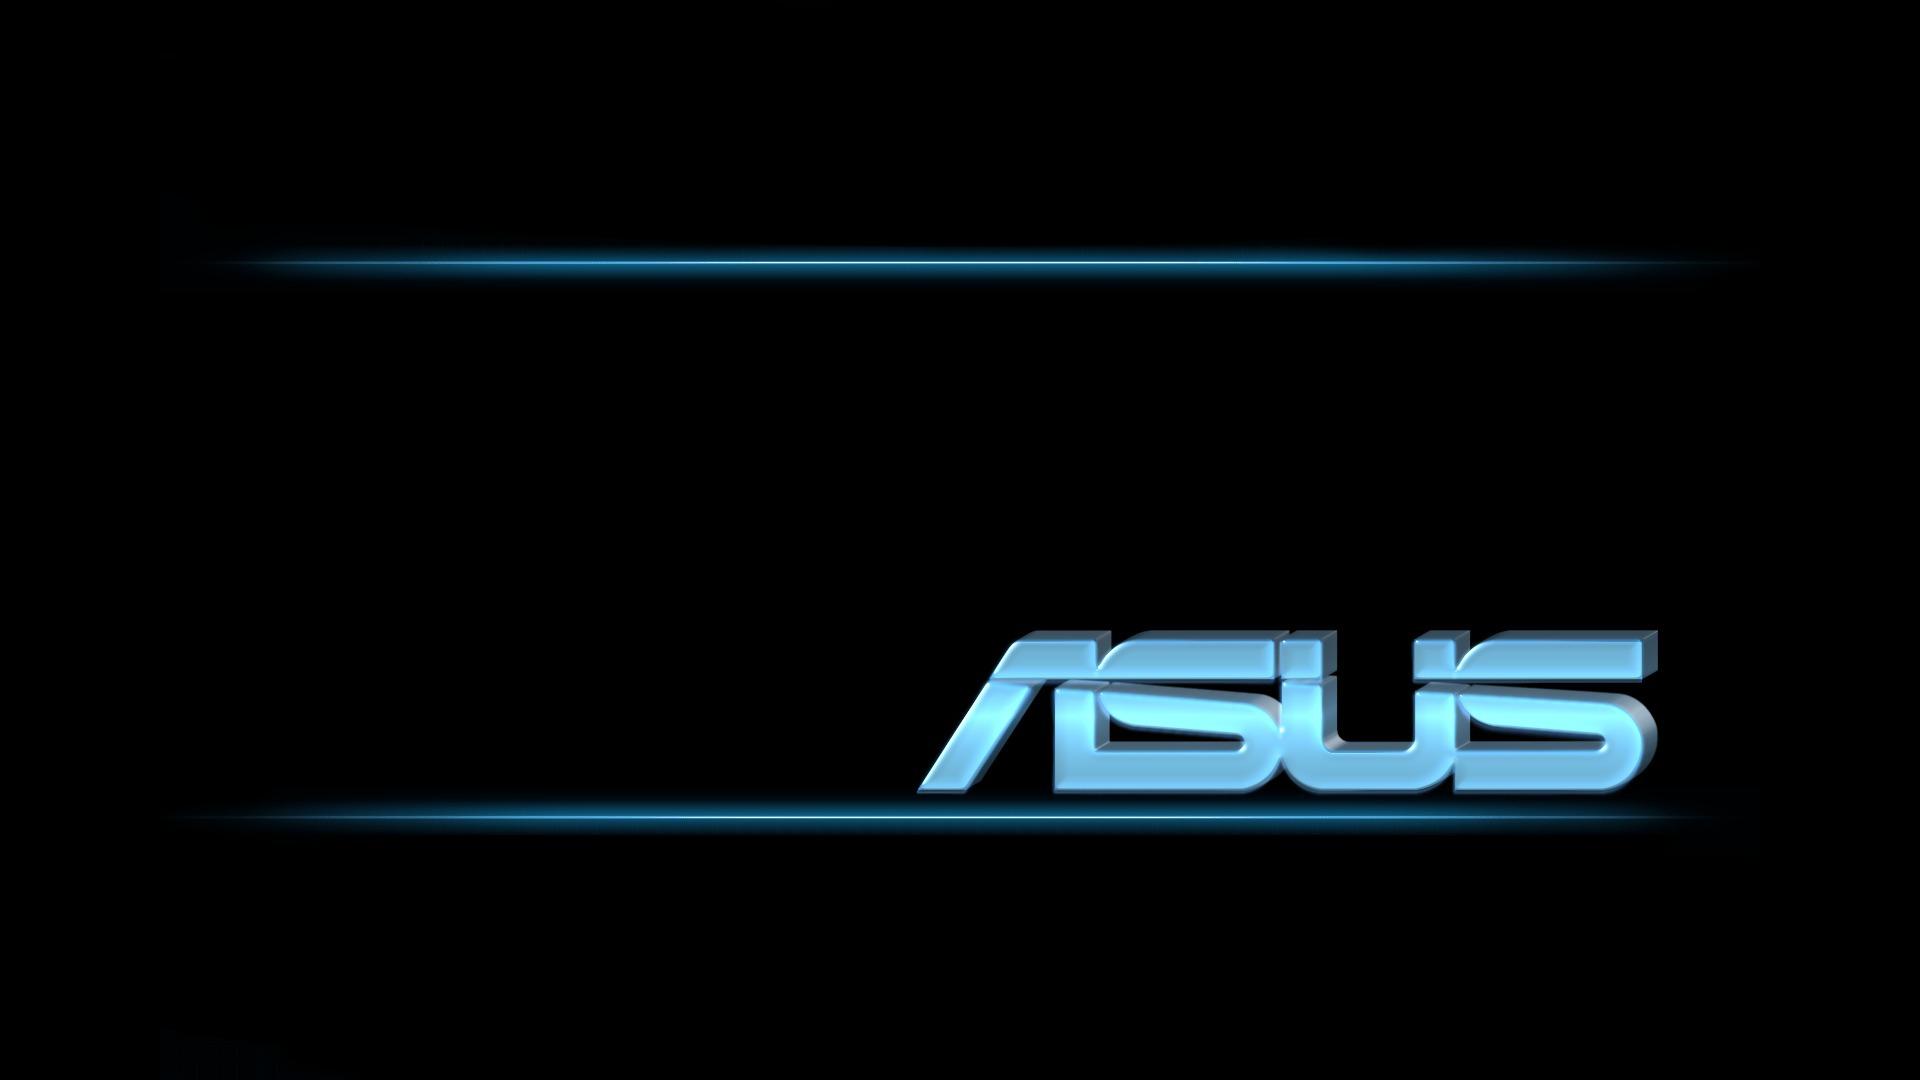 Download Asus Wallpaper Hd Kichiwallcom Xpx Windows